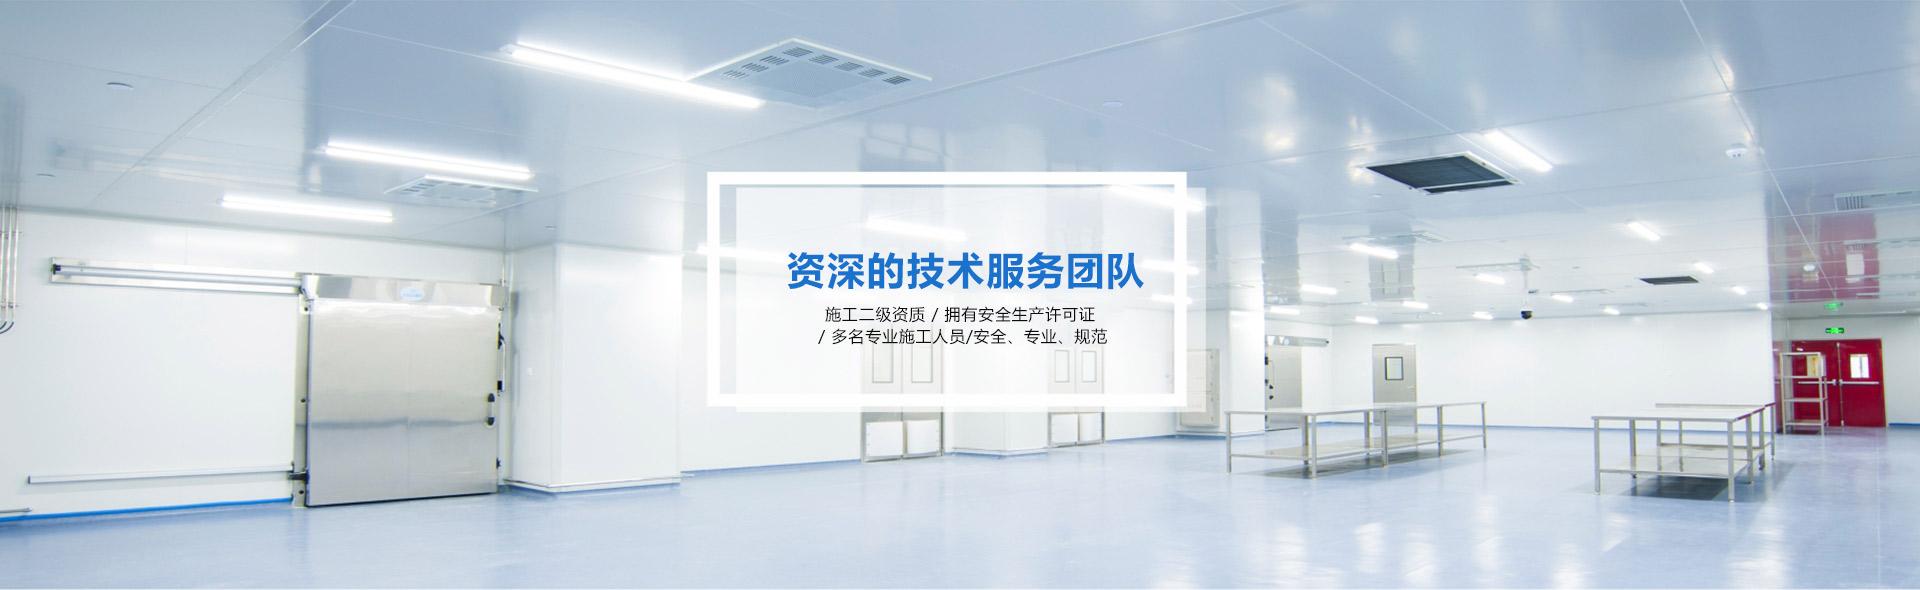 专业提供净化工程装修及施工服务!